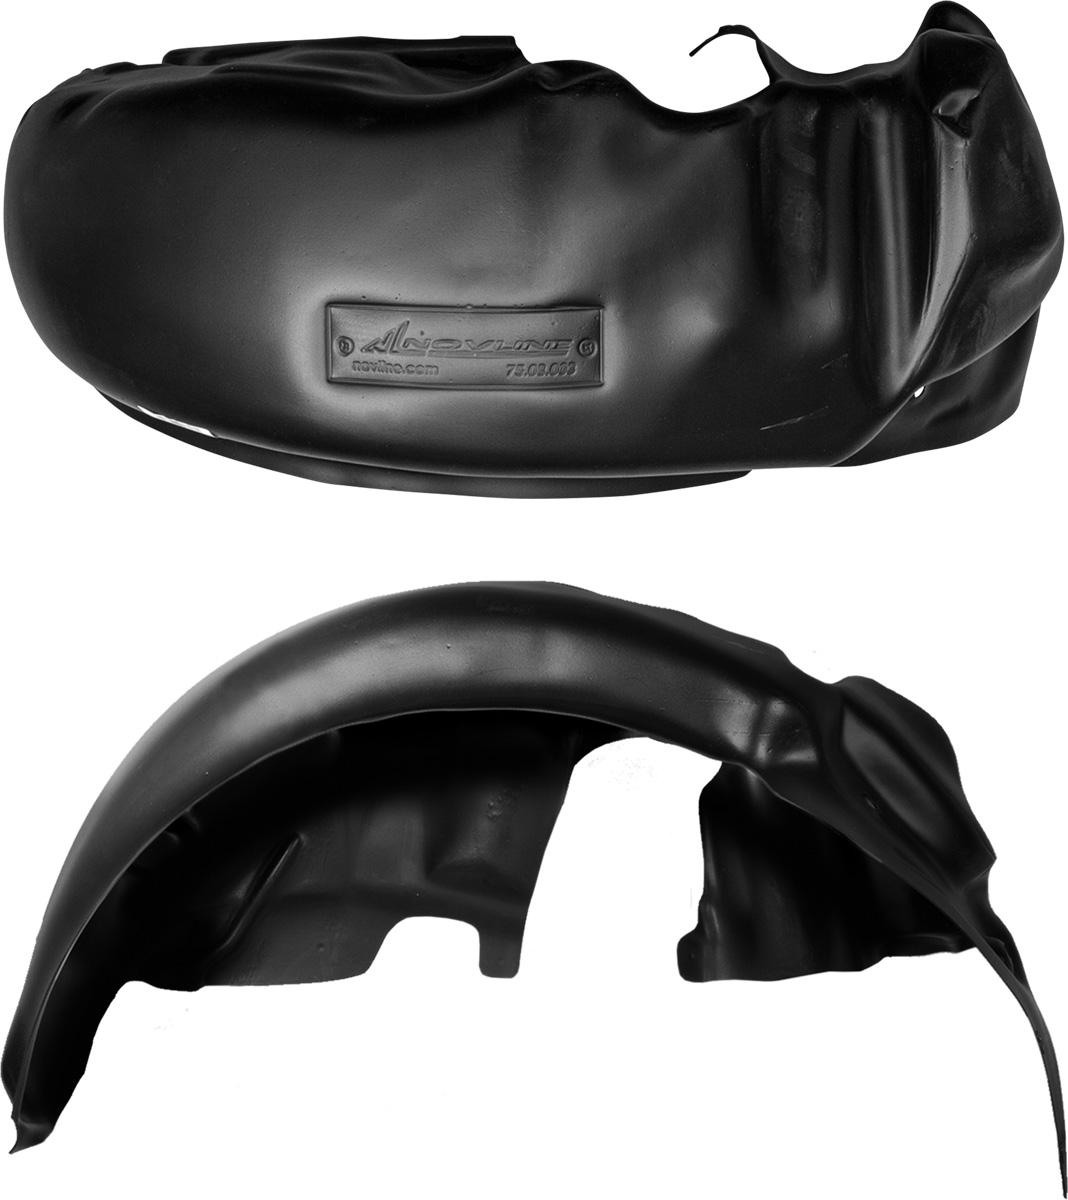 Подкрылок Novline-Autofamily, для Mitsubishi Outlander, 2012->, задний правыйNLL.35.26.004Колесные ниши - одни из самых уязвимых зон днища вашего автомобиля. Они постоянно подвергаются воздействию со стороны дороги. Лучшая, почти абсолютная защита для них - специально отформованные пластиковые кожухи, которые называются подкрылками. Производятся они как для отечественных моделей автомобилей, так и для иномарок. Подкрылки Novline-Autofamily выполнены из высококачественного, экологически чистого пластика. Обеспечивают надежную защиту кузова автомобиля от пескоструйного эффекта и негативного влияния, агрессивных антигололедных реагентов. Пластик обладает более низкой теплопроводностью, чем металл, поэтому в зимний период эксплуатации использование пластиковых подкрылков позволяет лучше защитить колесные ниши от налипания снега и образования наледи. Оригинальность конструкции подчеркивает элегантность автомобиля, бережно защищает нанесенное на днище кузова антикоррозийное покрытие и позволяет осуществить крепление подкрылков внутри колесной арки практически без дополнительного крепежа и сверления, не нарушая при этом лакокрасочного покрытия, что предотвращает возникновение новых очагов коррозии. Подкрылки долговечны, обладают высокой прочностью и сохраняют заданную форму, а также все свои физико-механические характеристики в самых тяжелых климатических условиях (от -50°С до +50°С).Уважаемые клиенты!Обращаем ваше внимание, на тот факт, что подкрылок имеет форму, соответствующую модели данного автомобиля. Фото служит для визуального восприятия товара.